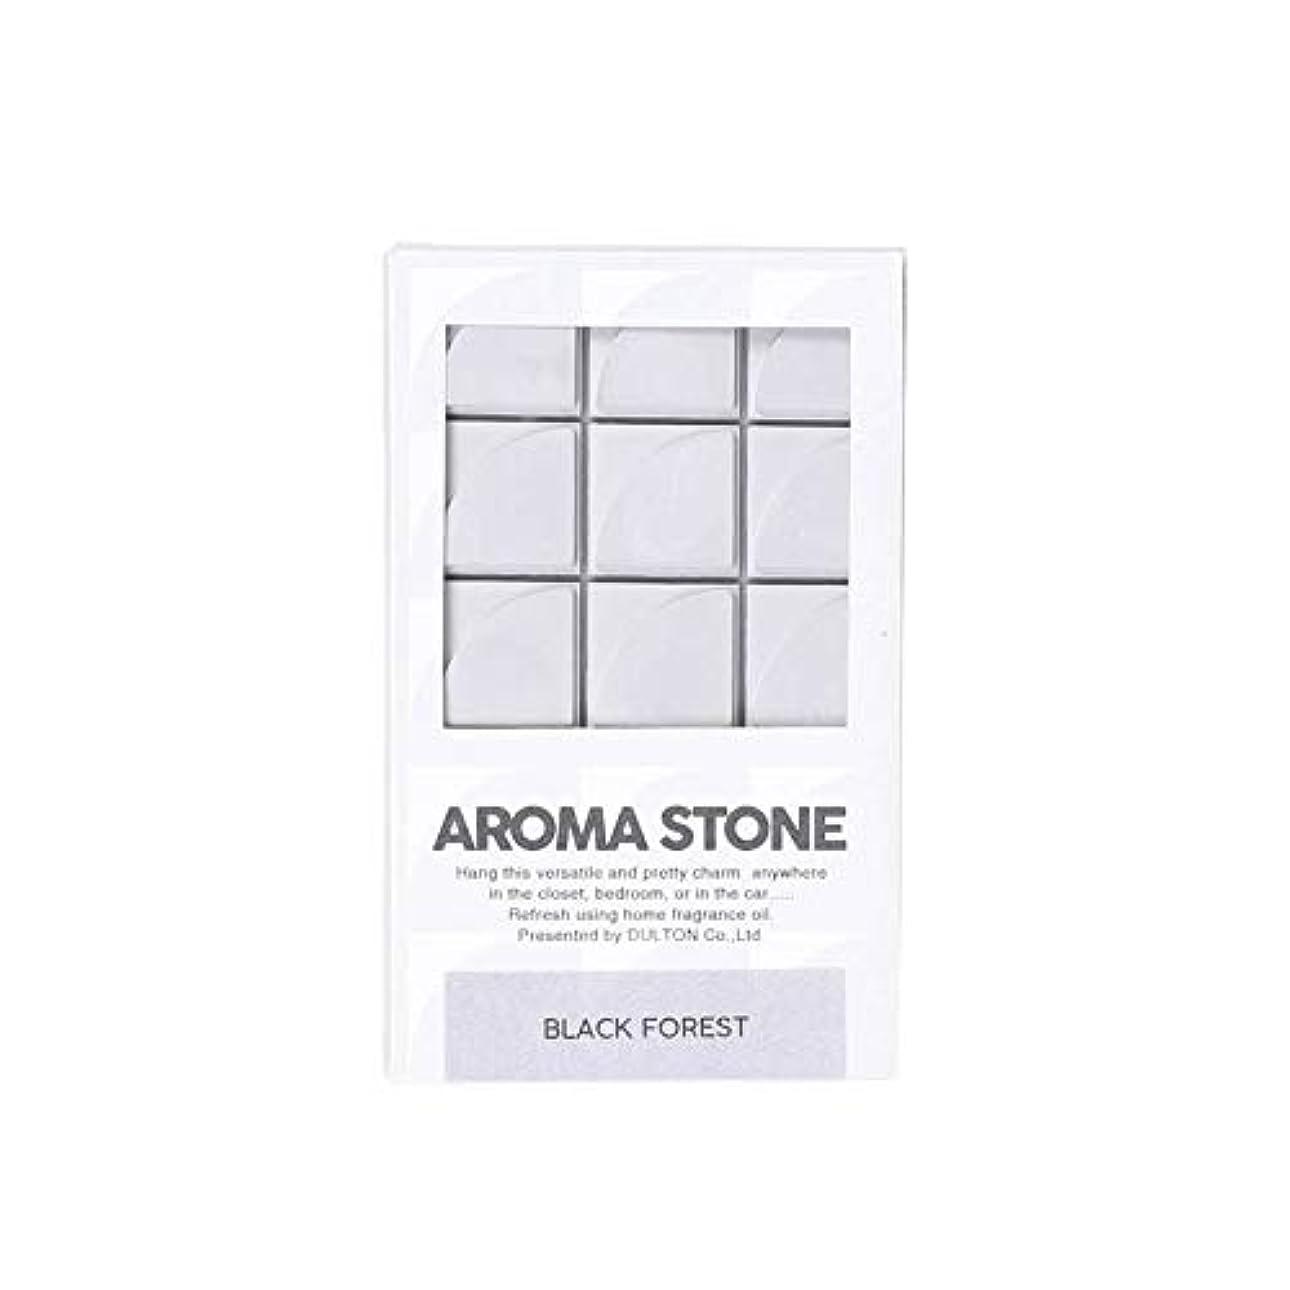 氏武器背の高いダルトン Aroma stone アロマストーン G975-1268 Black forest